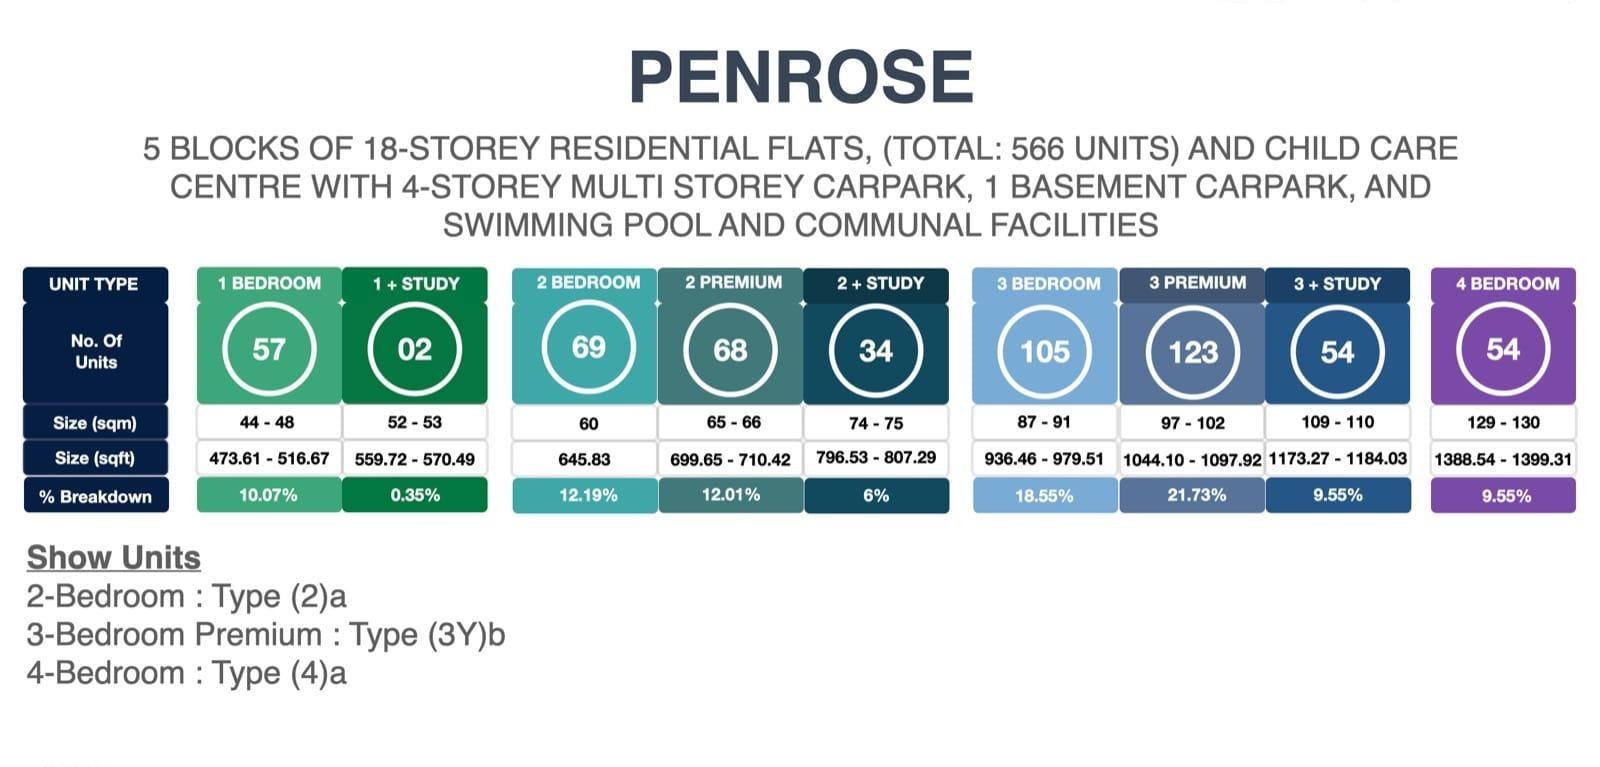 penrose-sims-drive-unit-mix